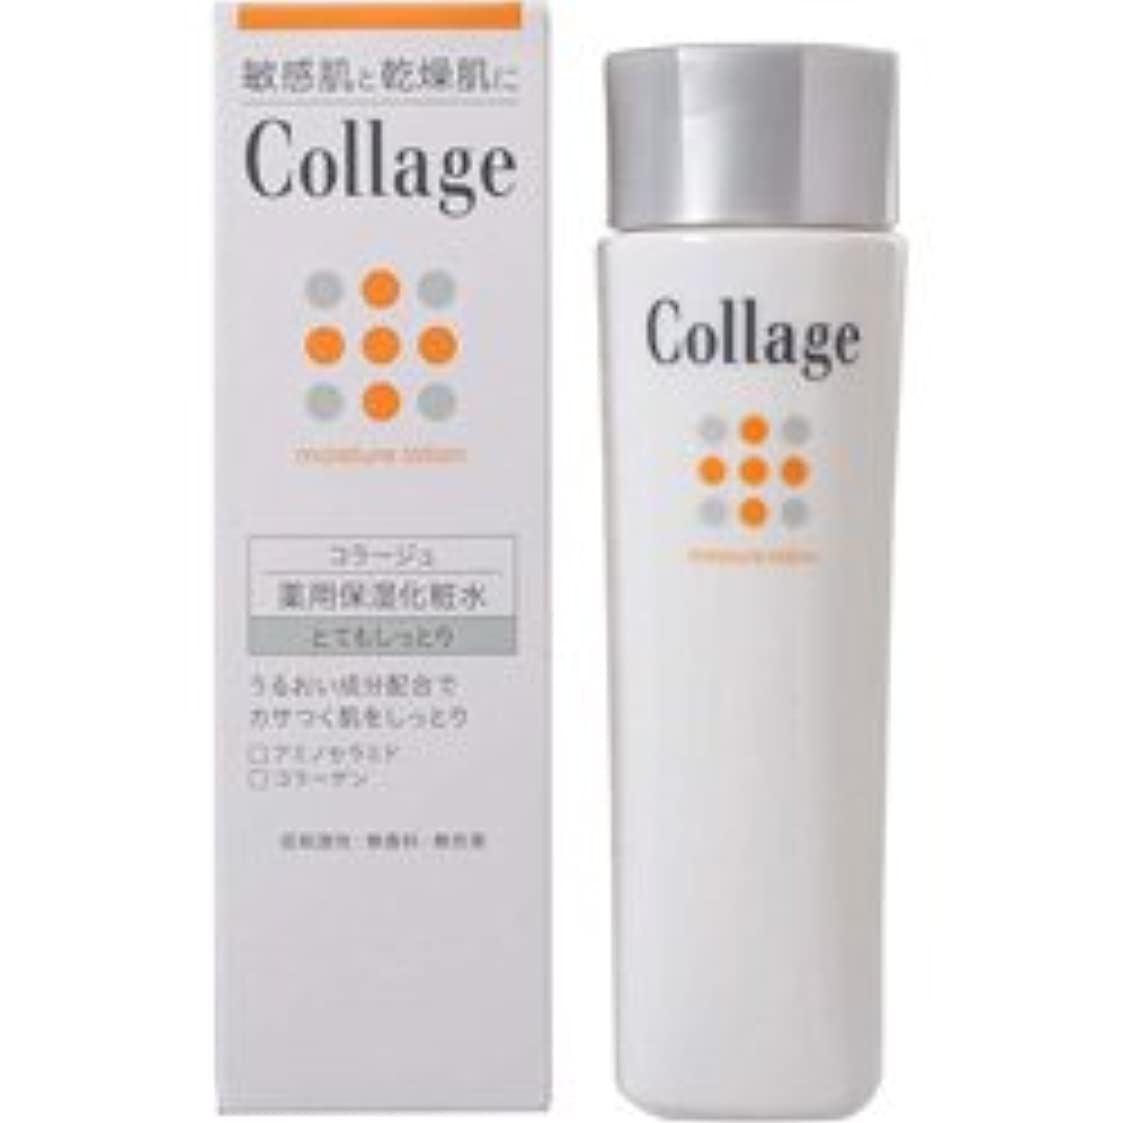 ブーム無能強い【持田ヘルスケア】 コラージュ薬用保湿化粧水 とてもしっとり 120ml (医薬部外品) ×3個セット